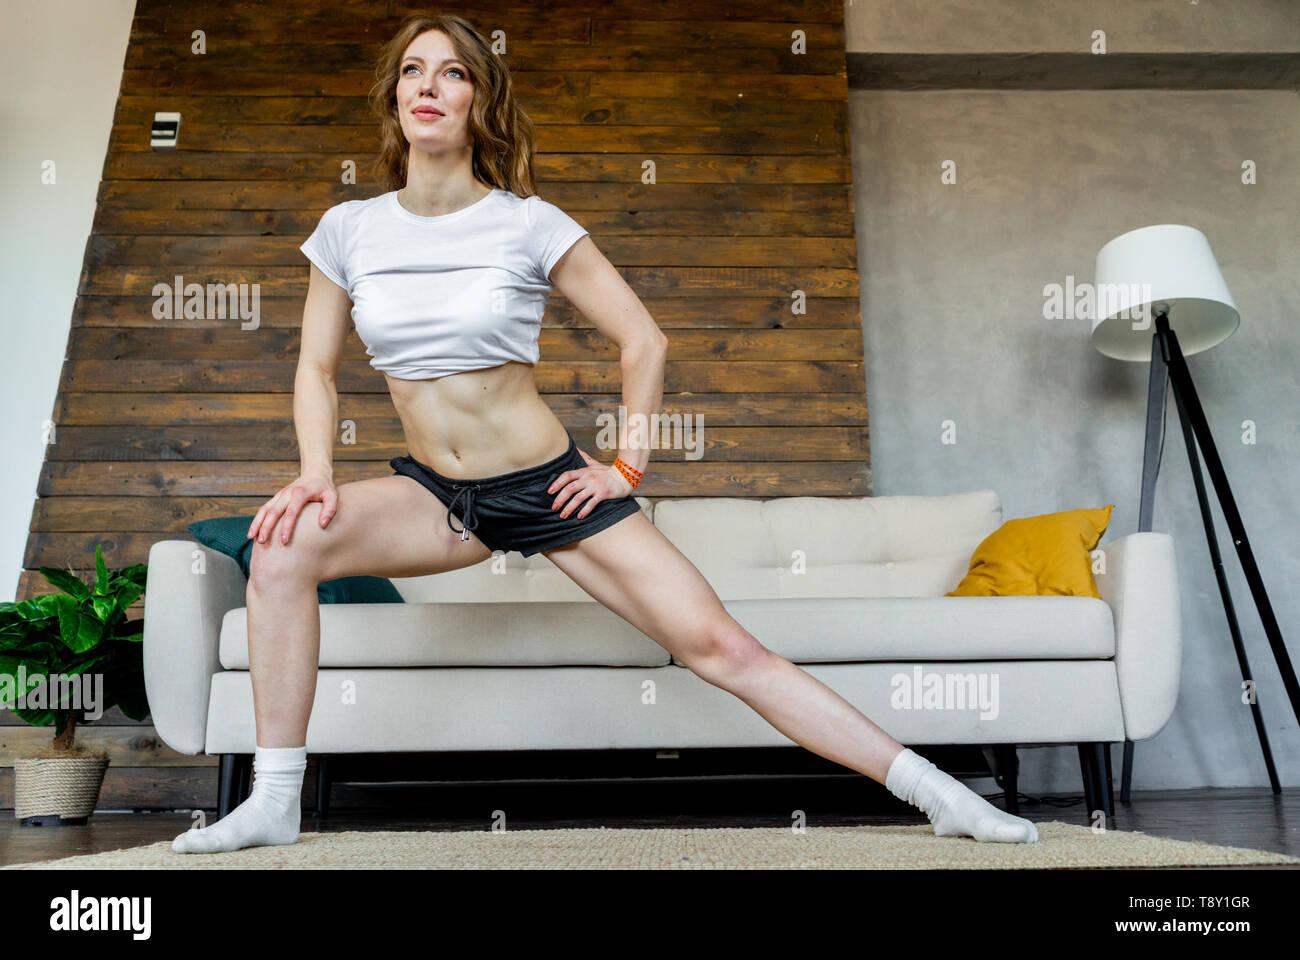 Joven Mujer rubia haciendo yoga ejercicios de estiramiento en casa. Estilo de vida saludable. Foto de stock